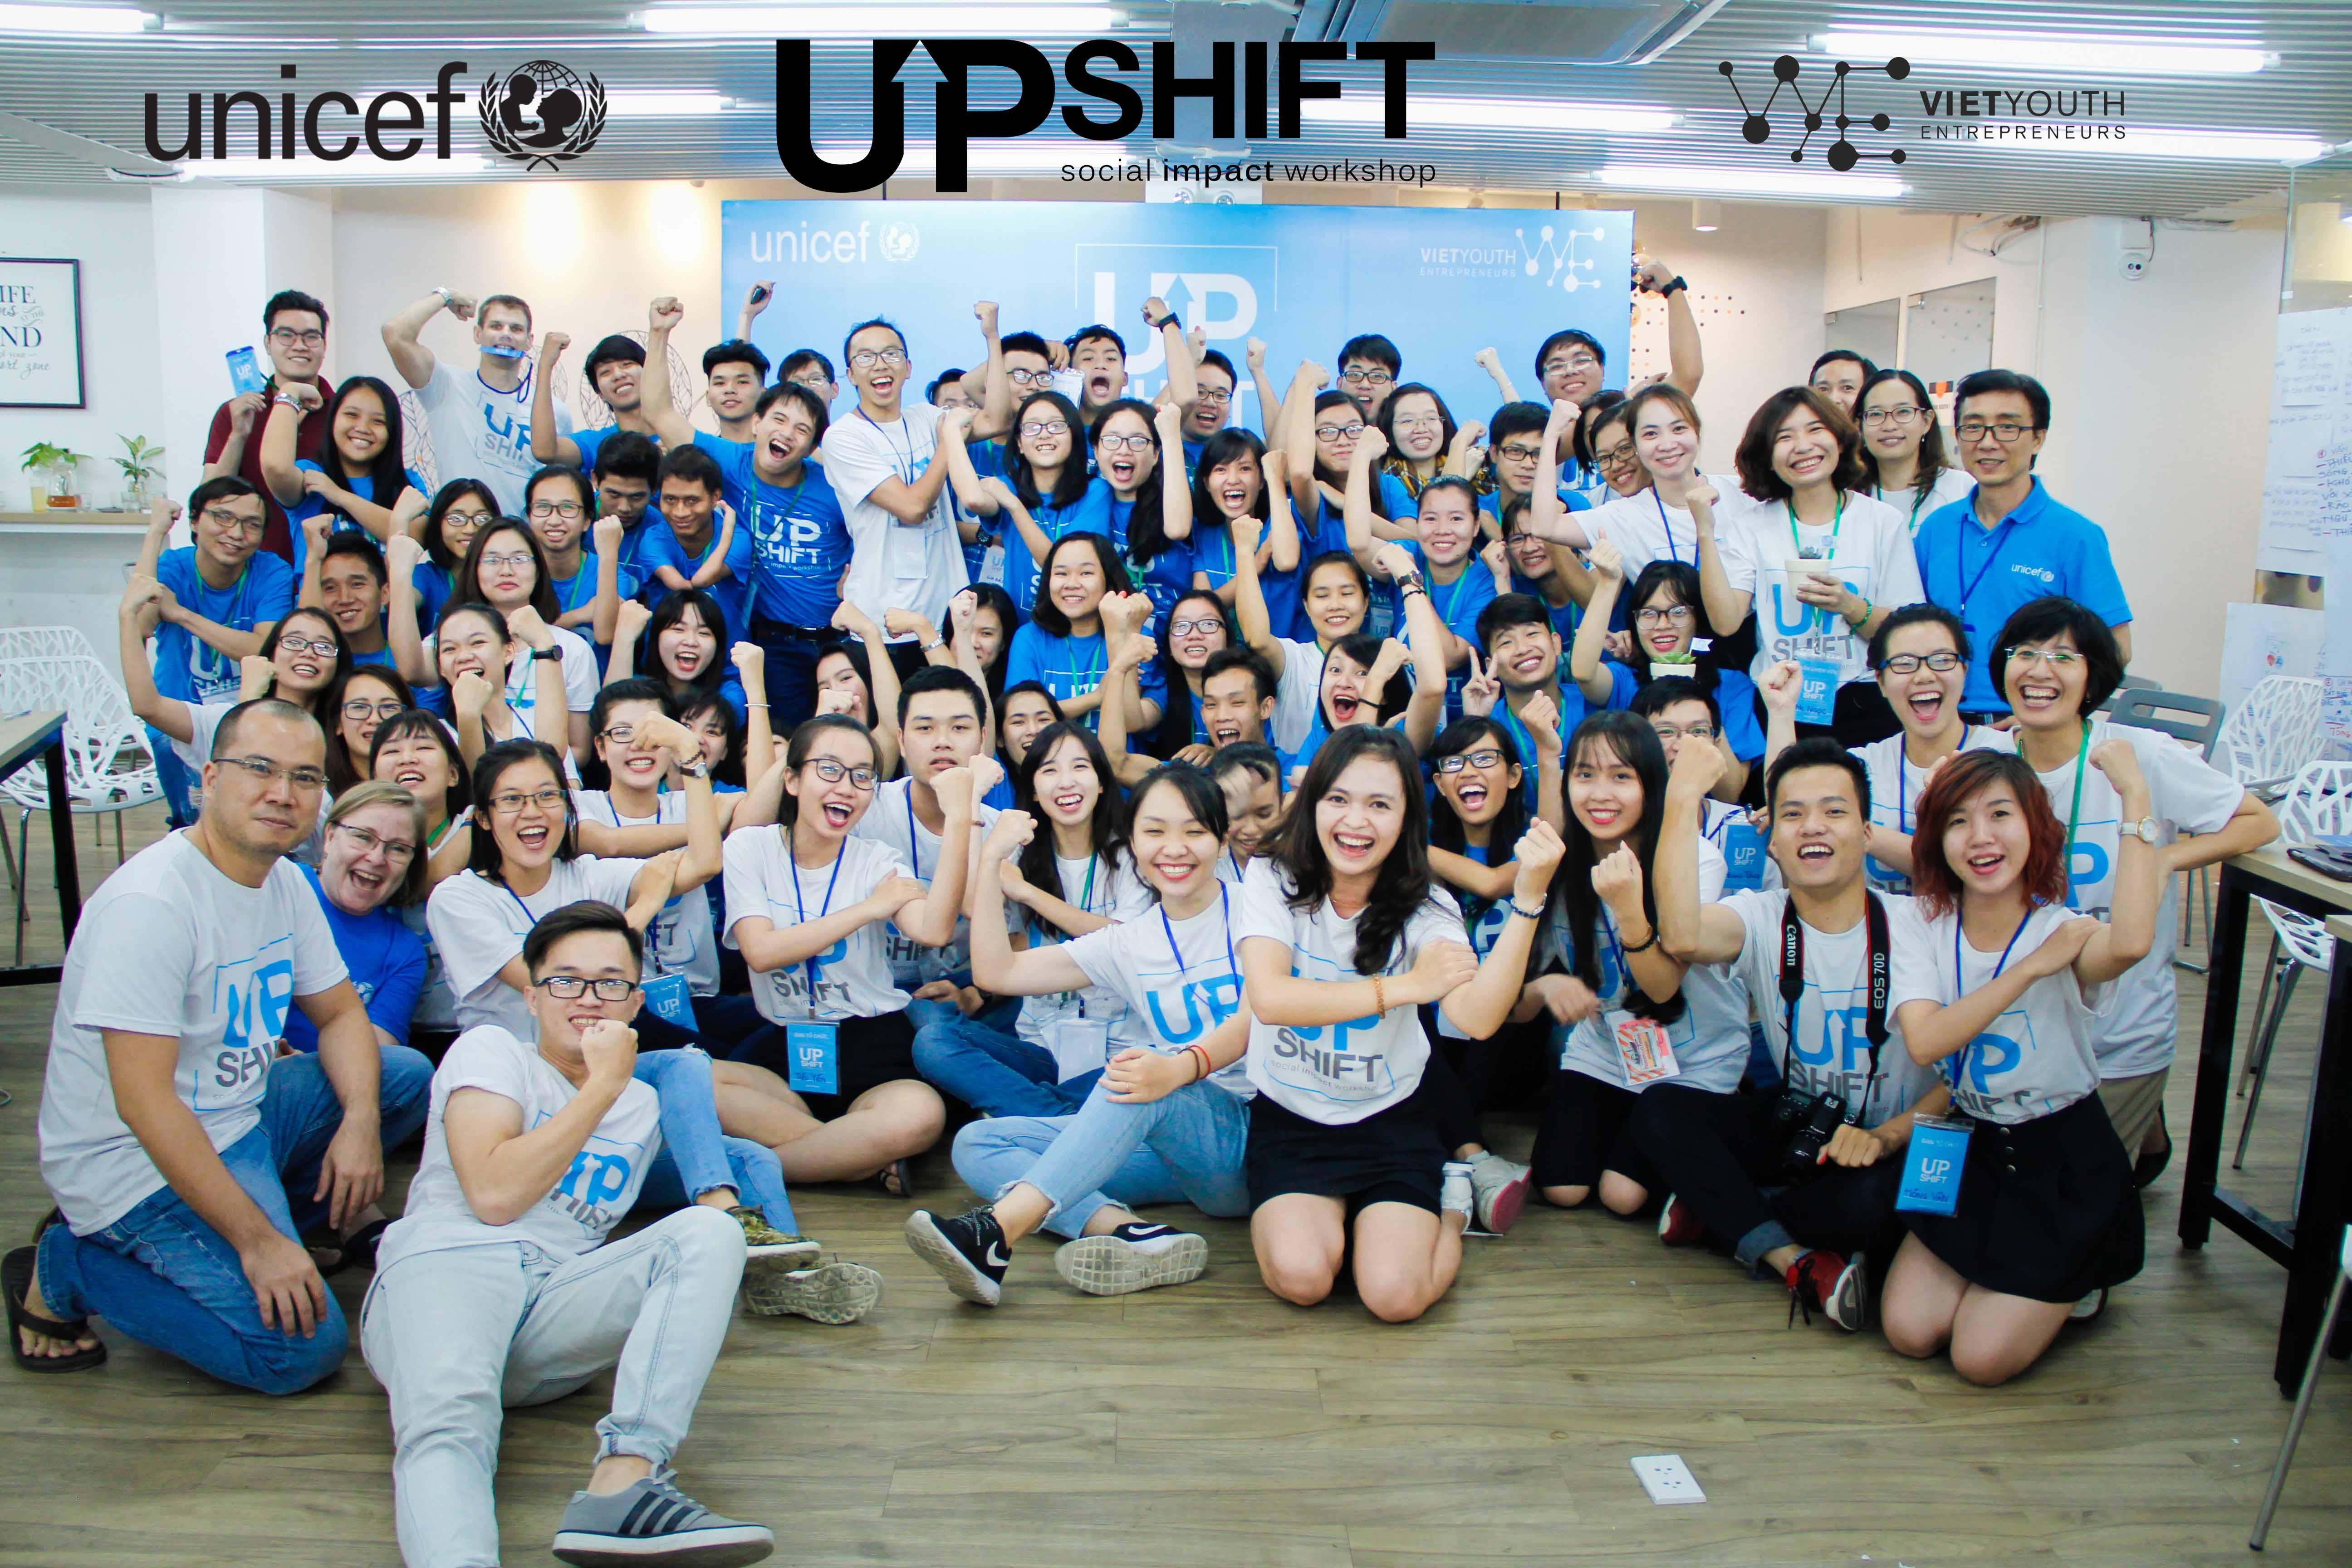 [HCM] Dự Án Tìm Kiếm Và Ươm Mầm Dư Án Xã Hội UPSHIFT 2017 Từ UNICEF Tuyển Event Và Communication Team